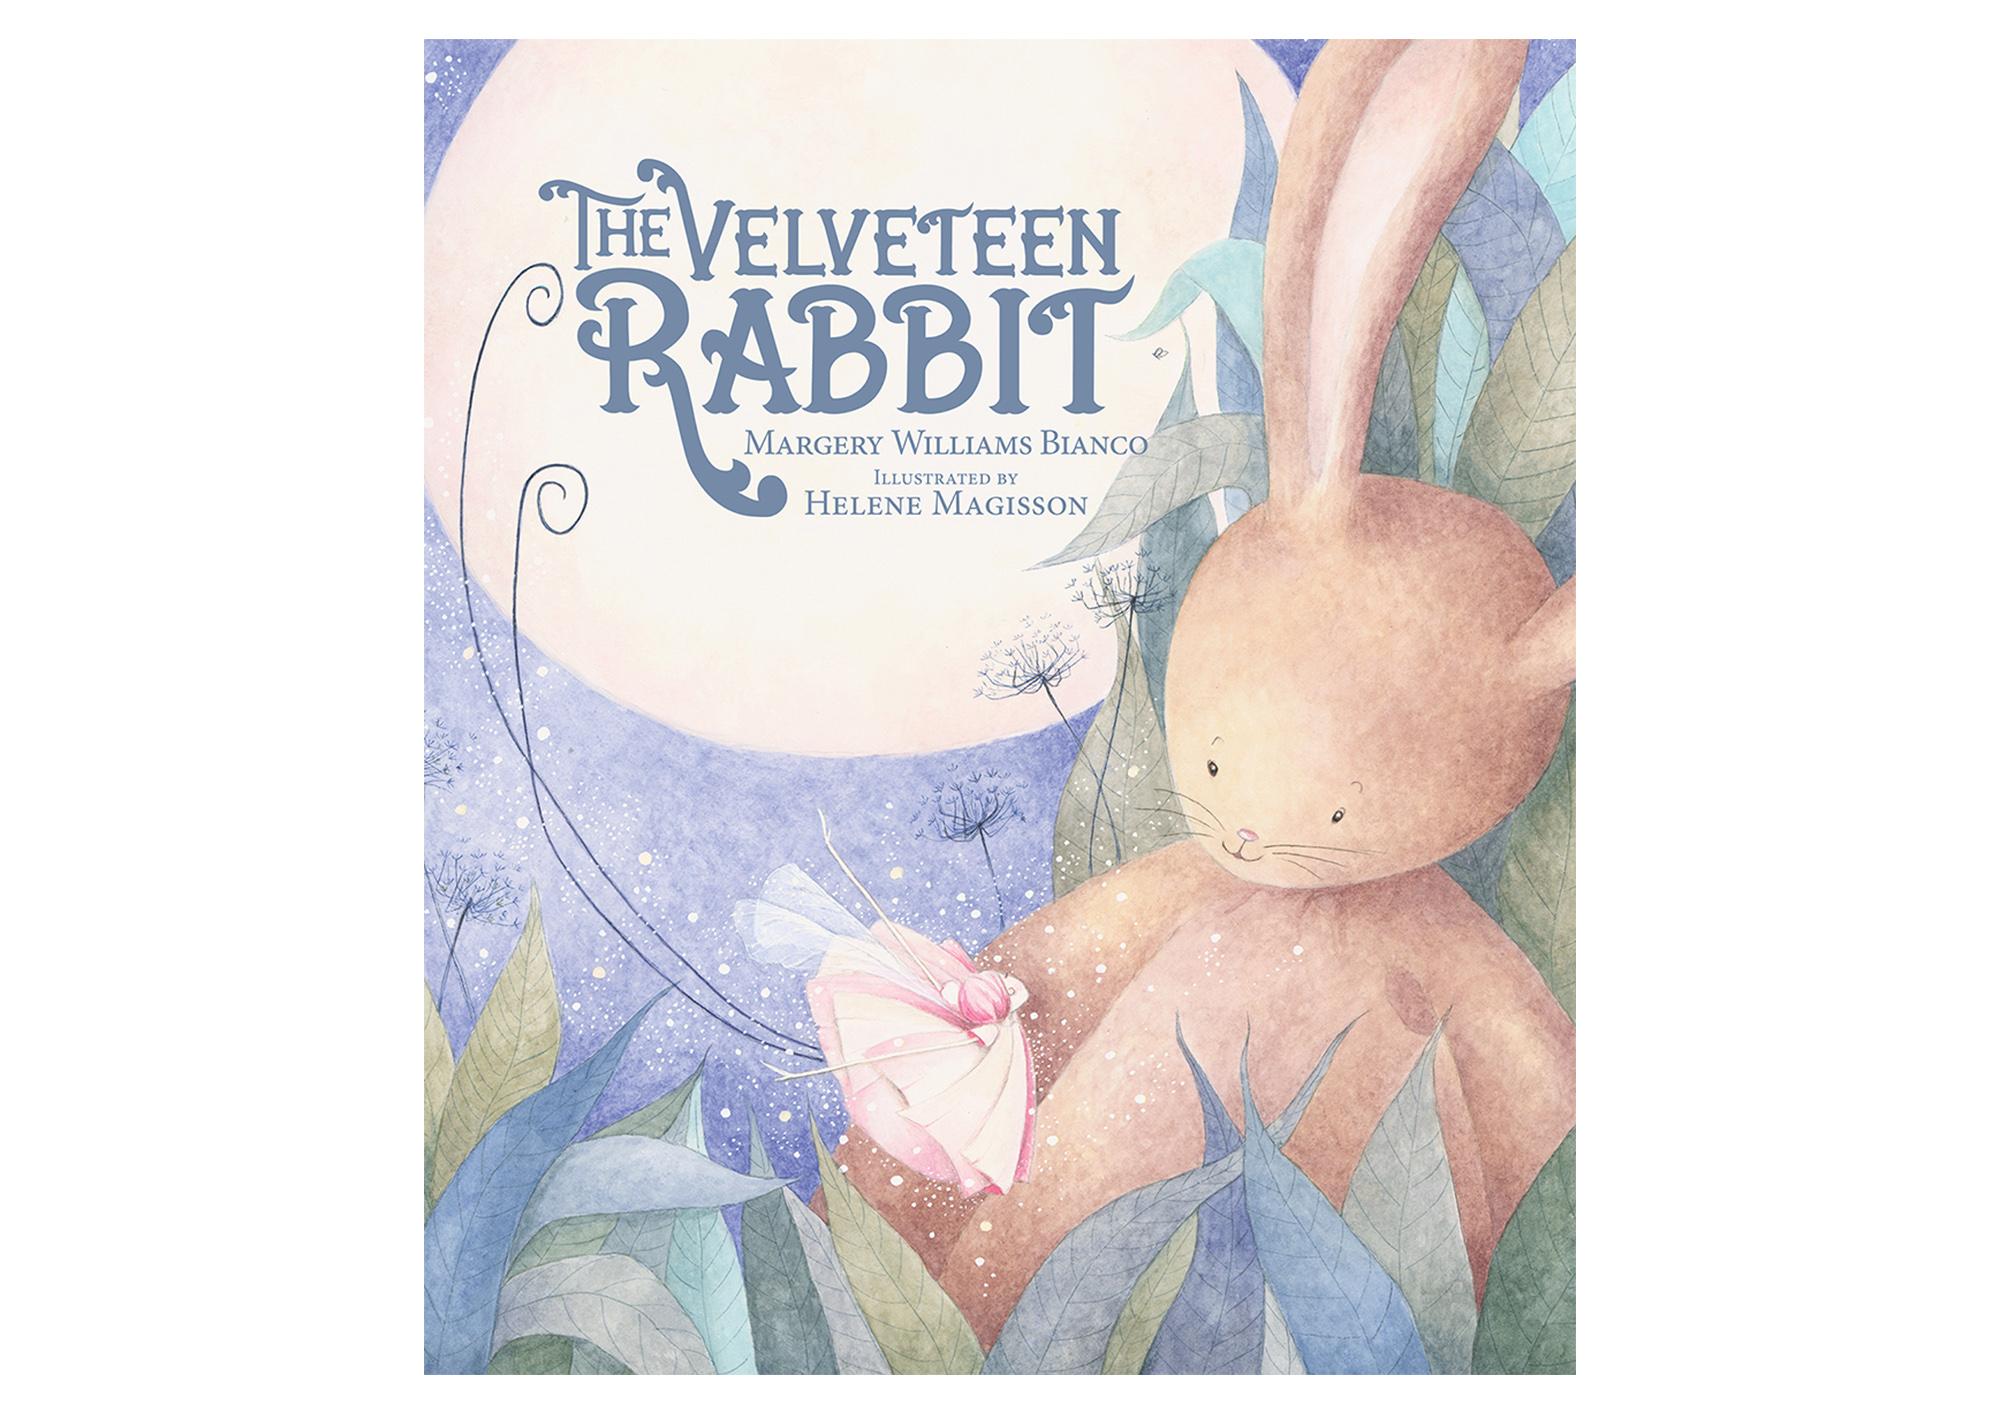 Velveteen Rabbitcover.jpg